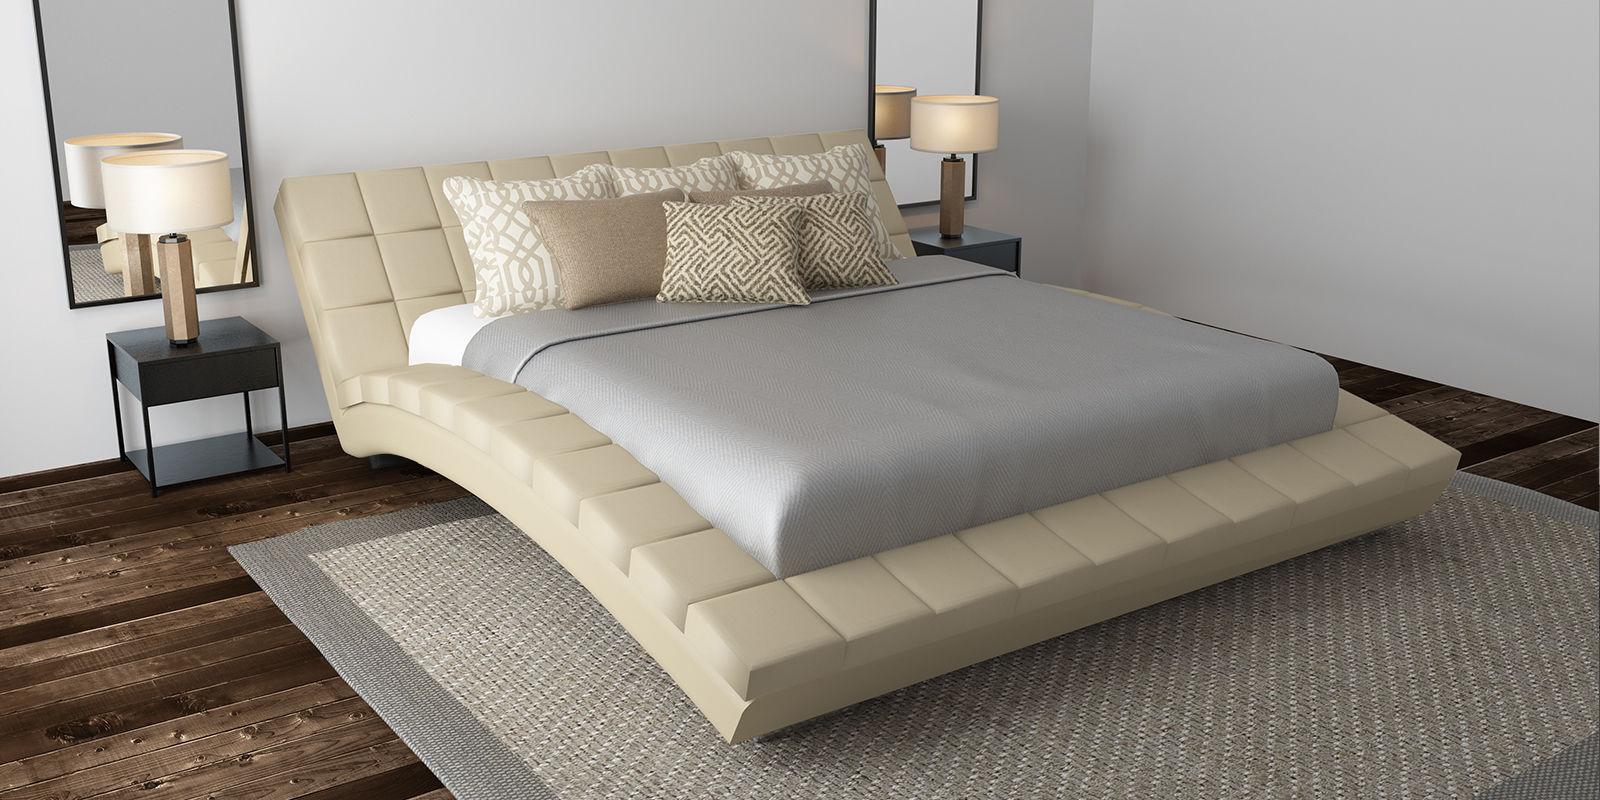 Купить Мягкая кровать 200х160 Оливия с ортопедическим основанием (Luxe бежевый), HomeMe, Бежевый